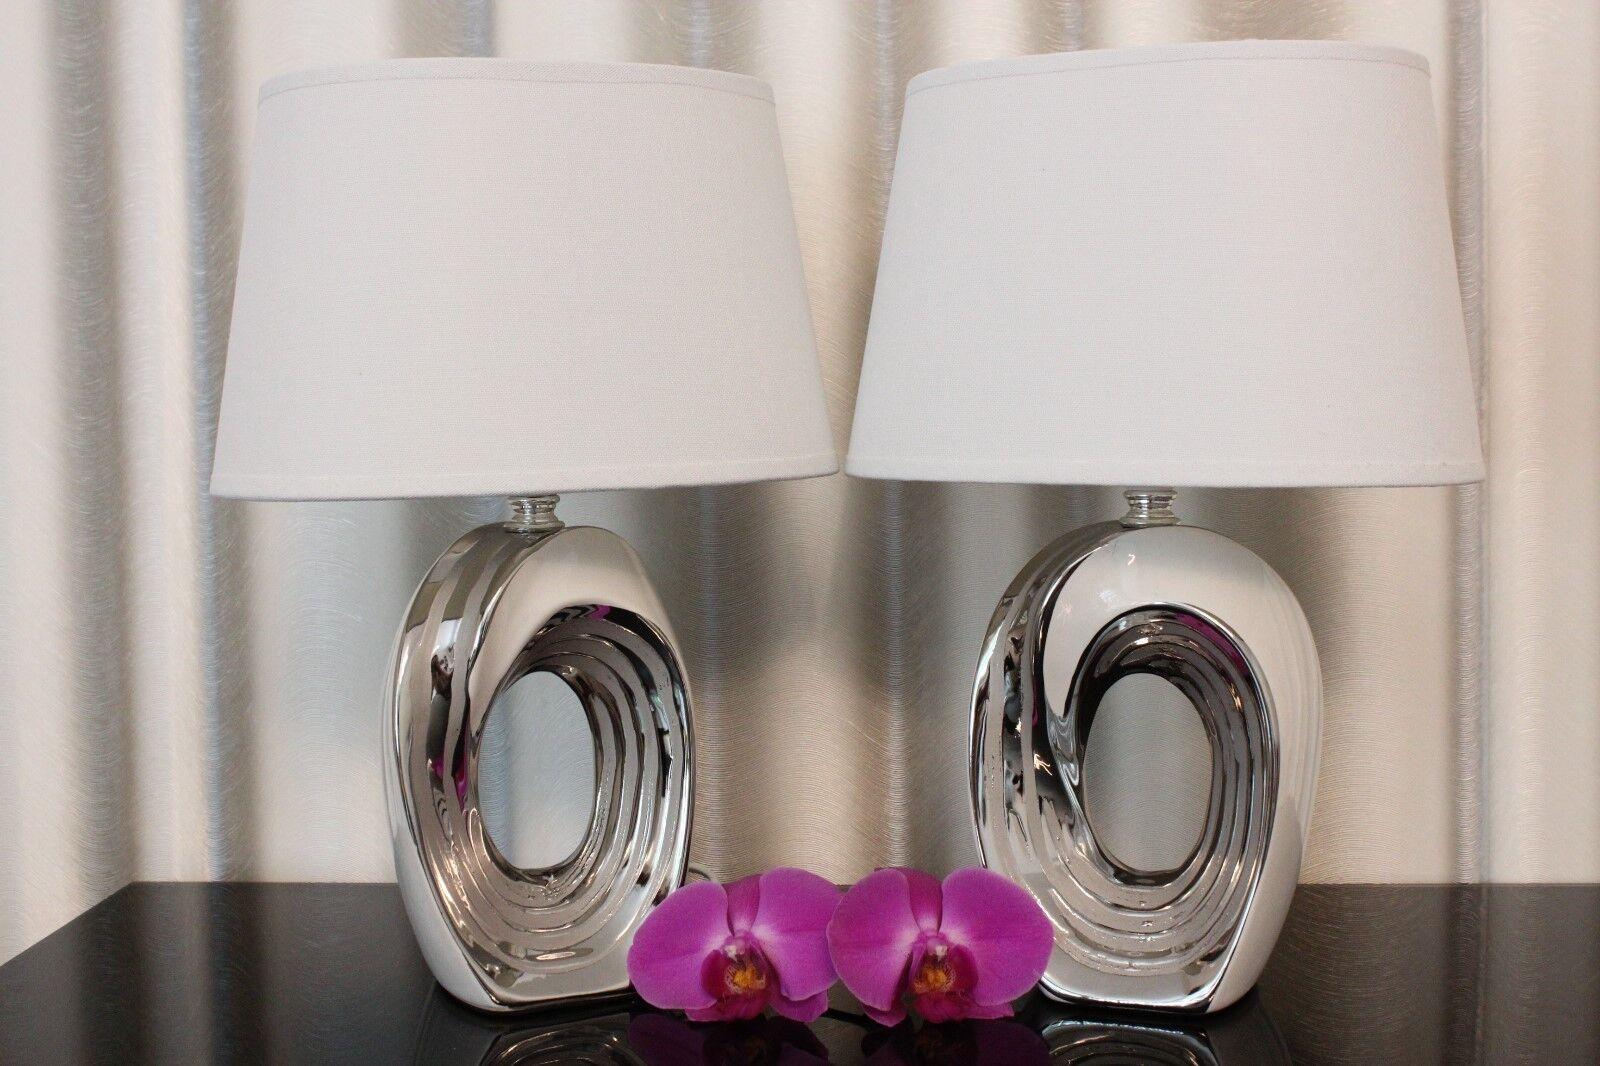 Tischlampe Keramik Vase Lampe Leuchte Blumenvase weiß silber Nachttischlampe